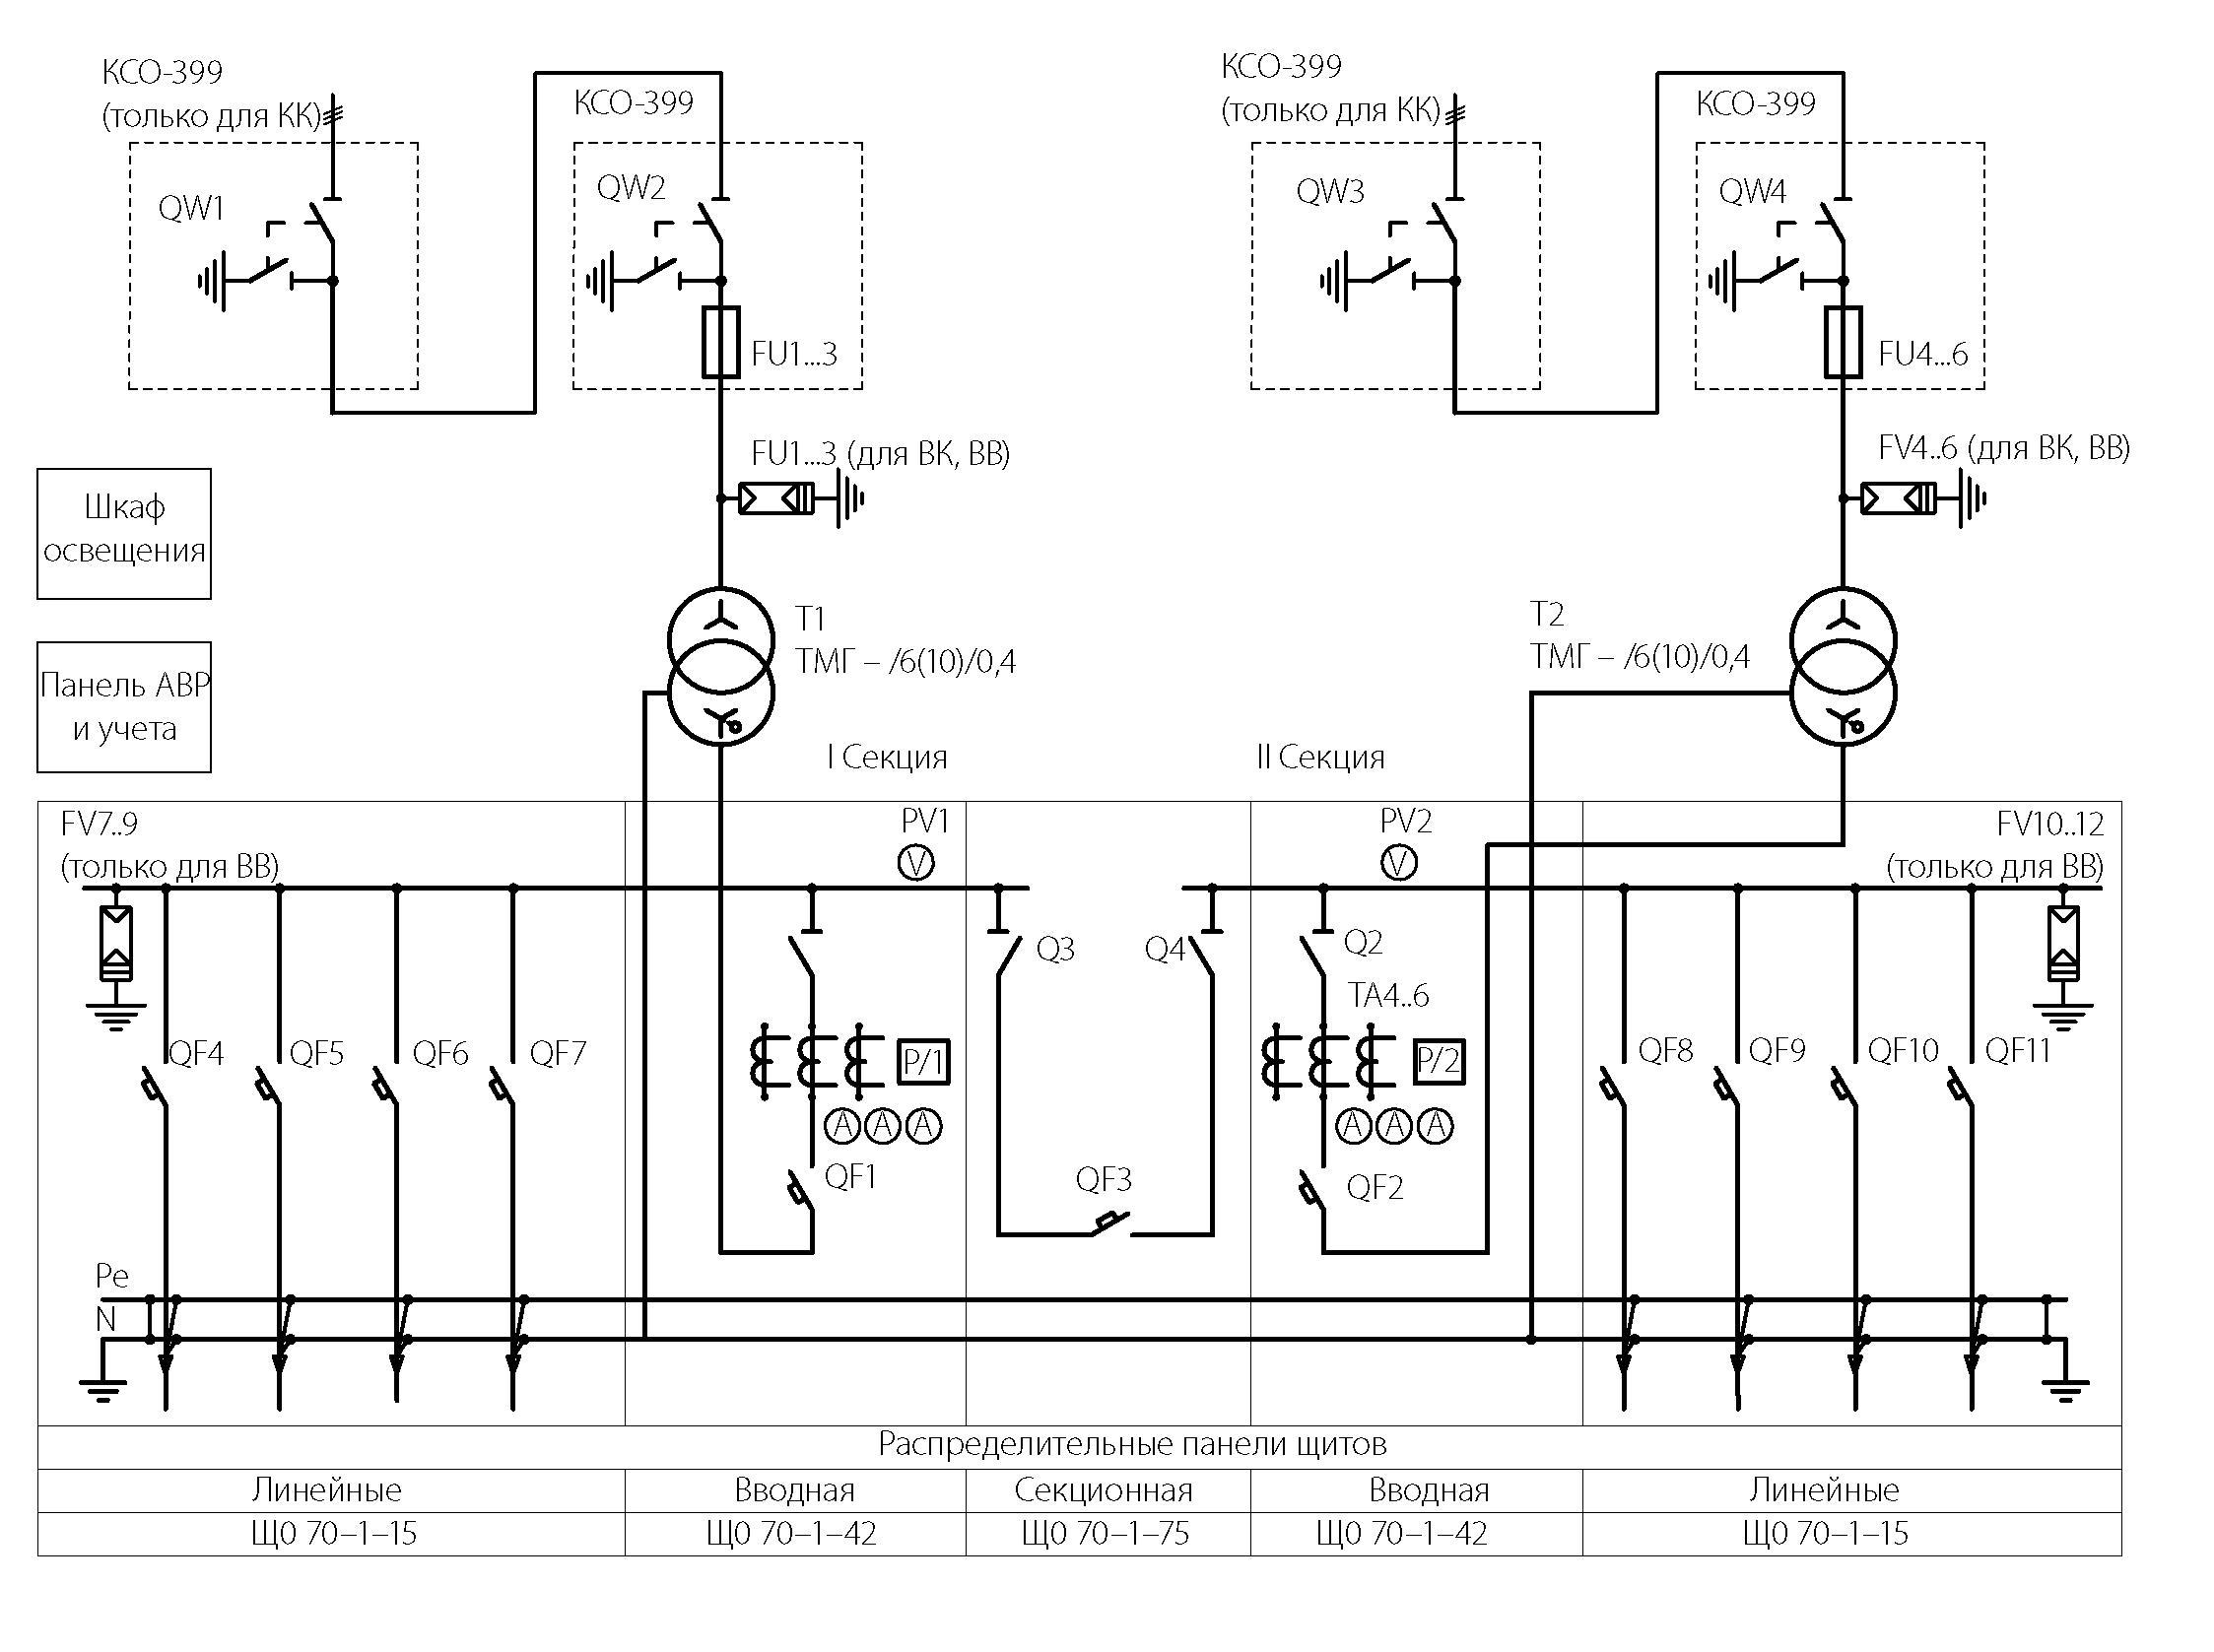 однолинейной опн схеме на обозначение